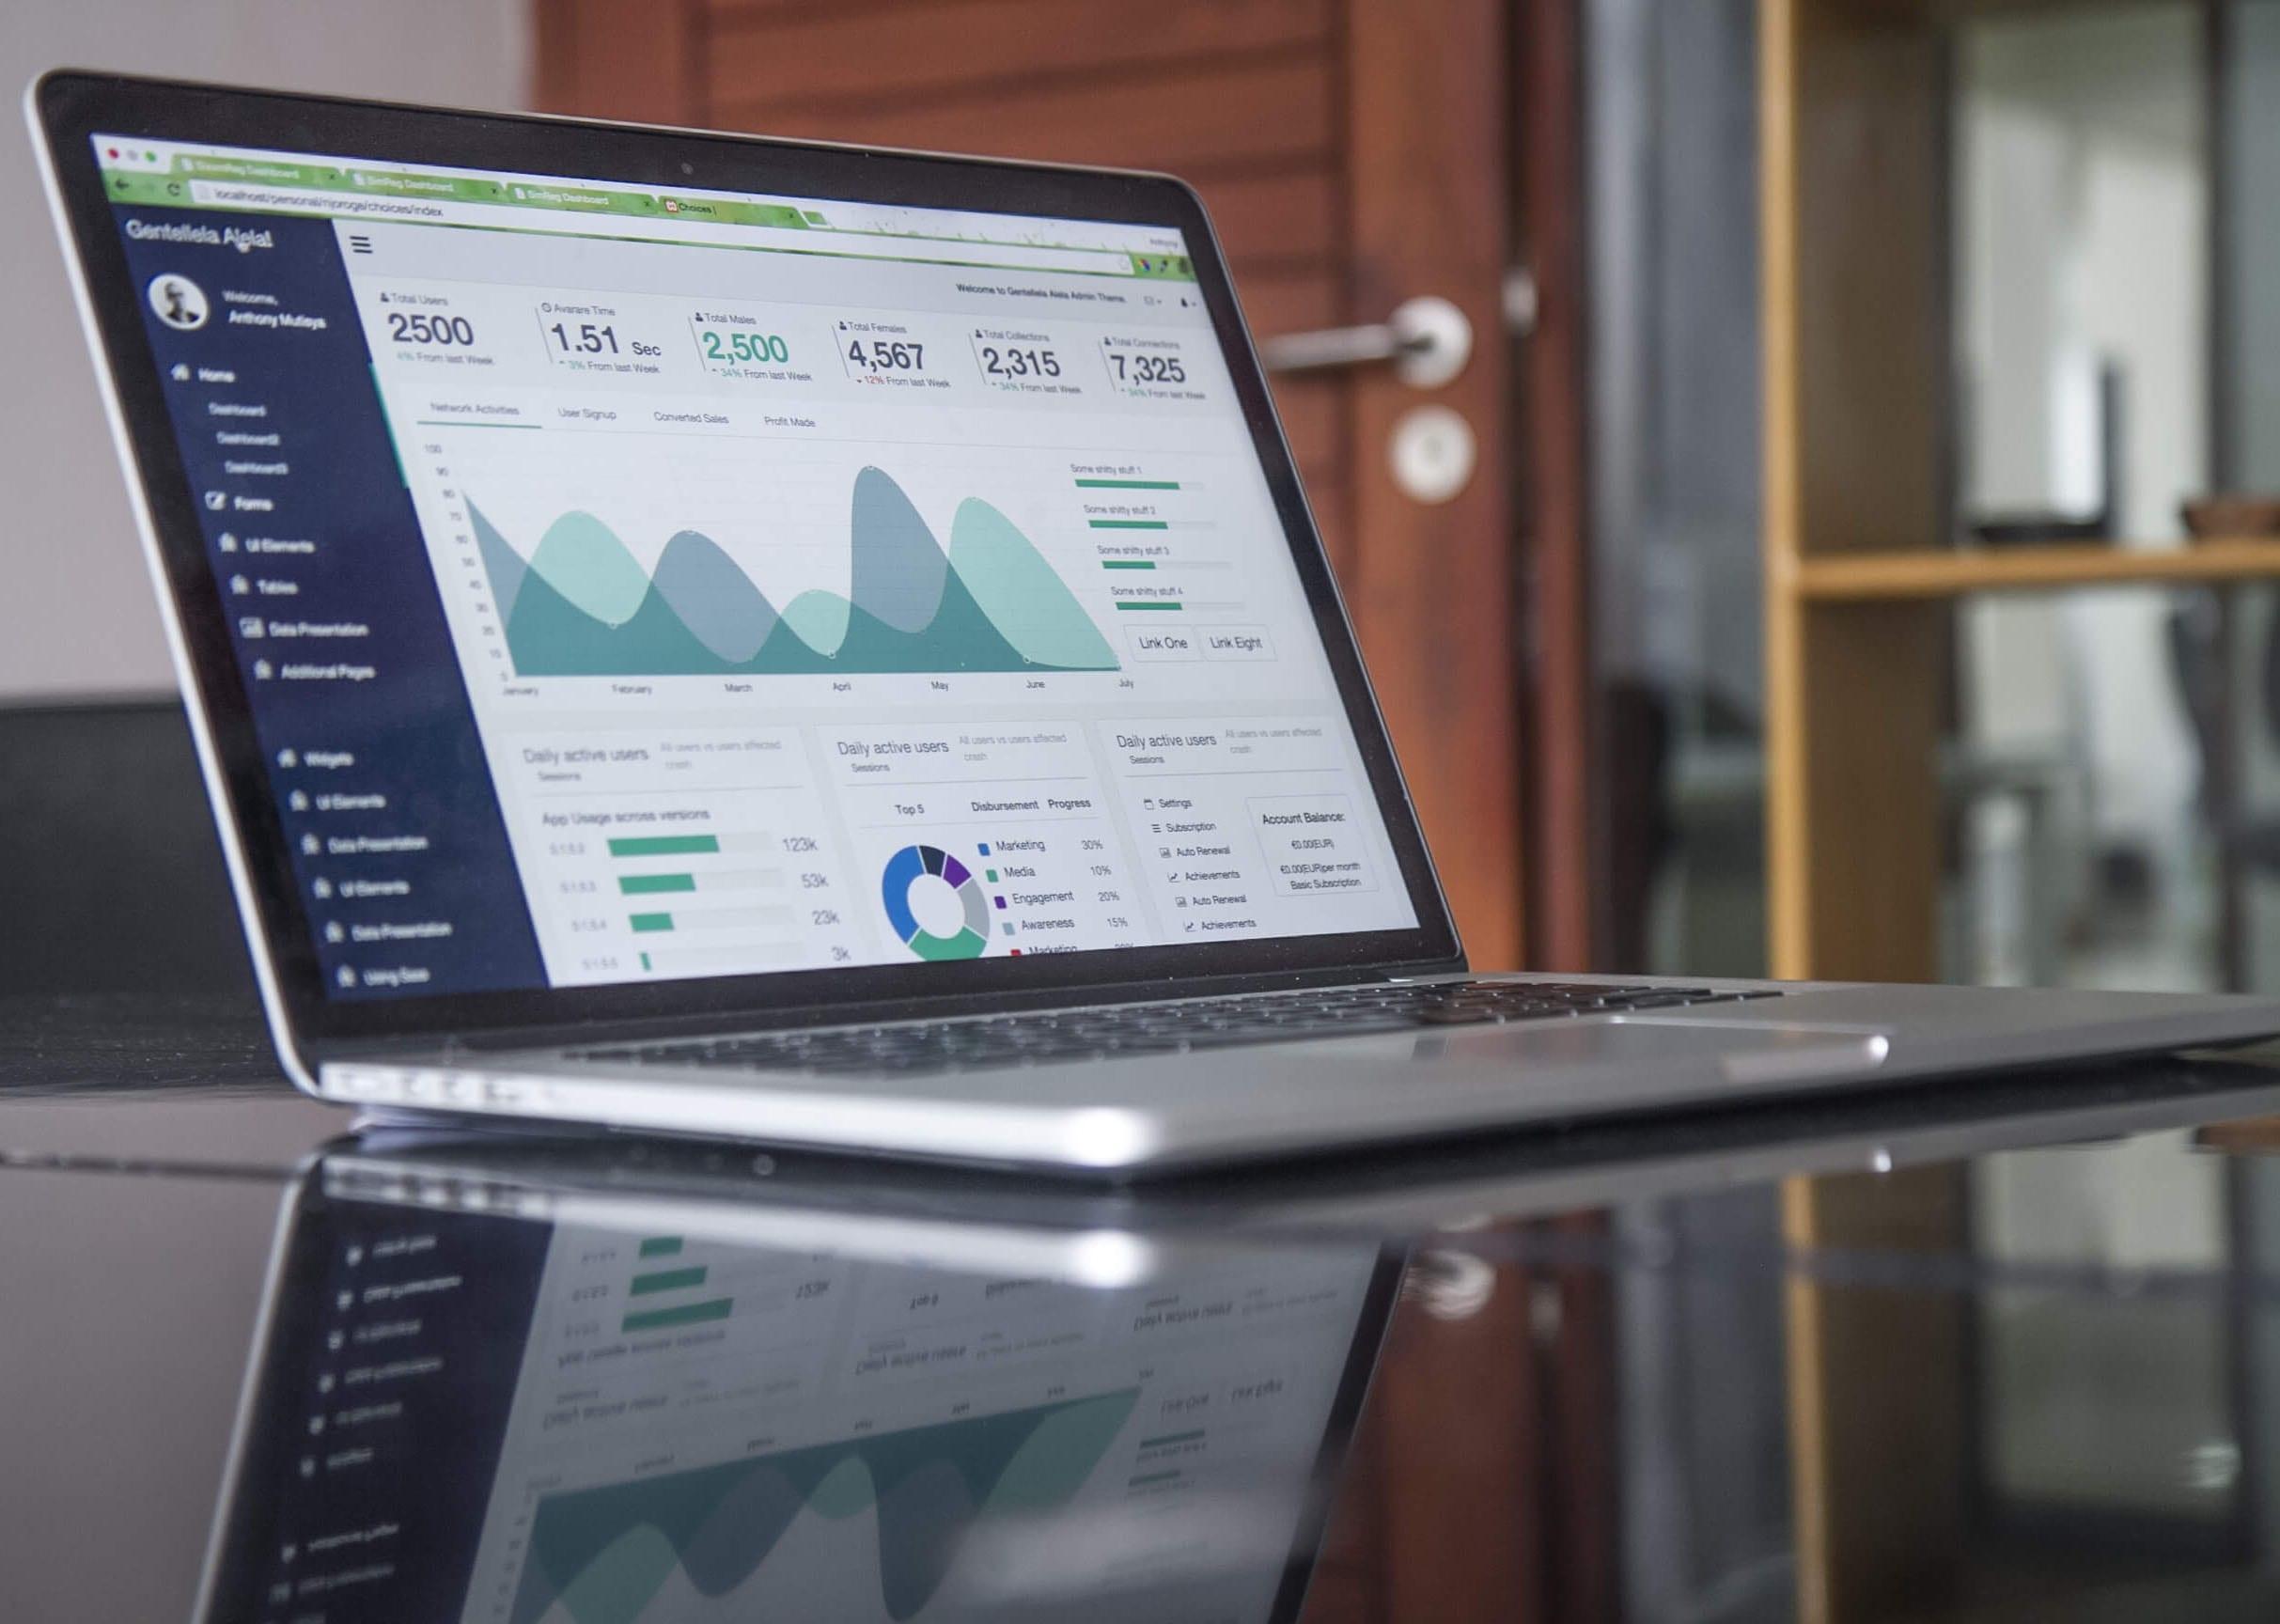 Computer Data/Analytics Image